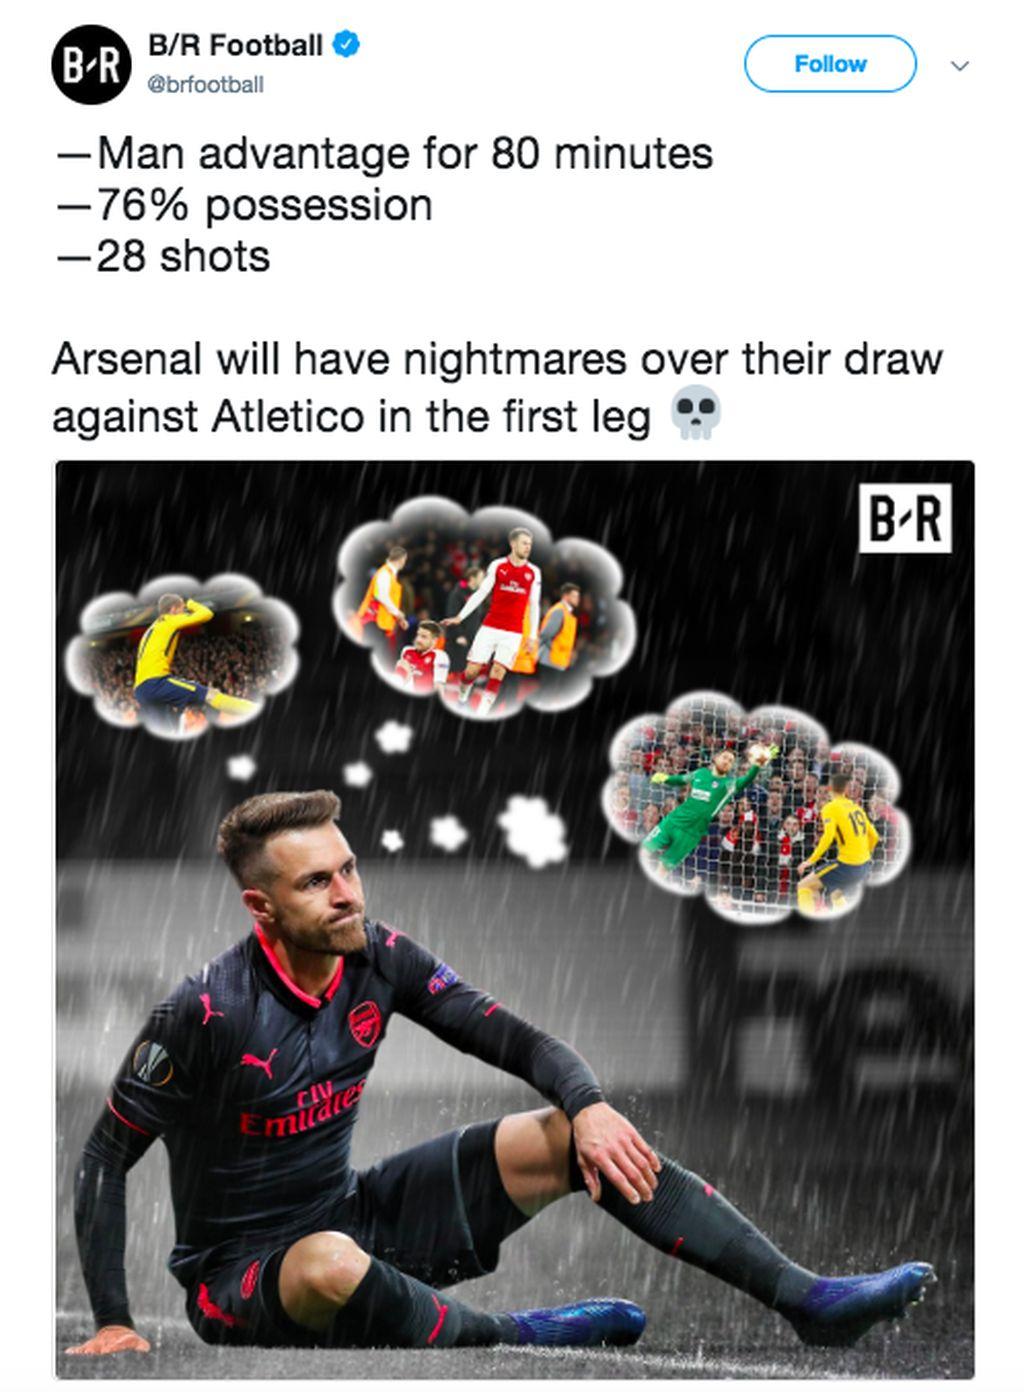 Aaron Ramsey dan pemain Arsenal lain digambarkan menyesal karena menyia-nyiakan leg pertama di mana mereka punya banyak keuntungan, dari keunggulan jumlah pemain, possesion sampai tembakan. Foto: istimewa